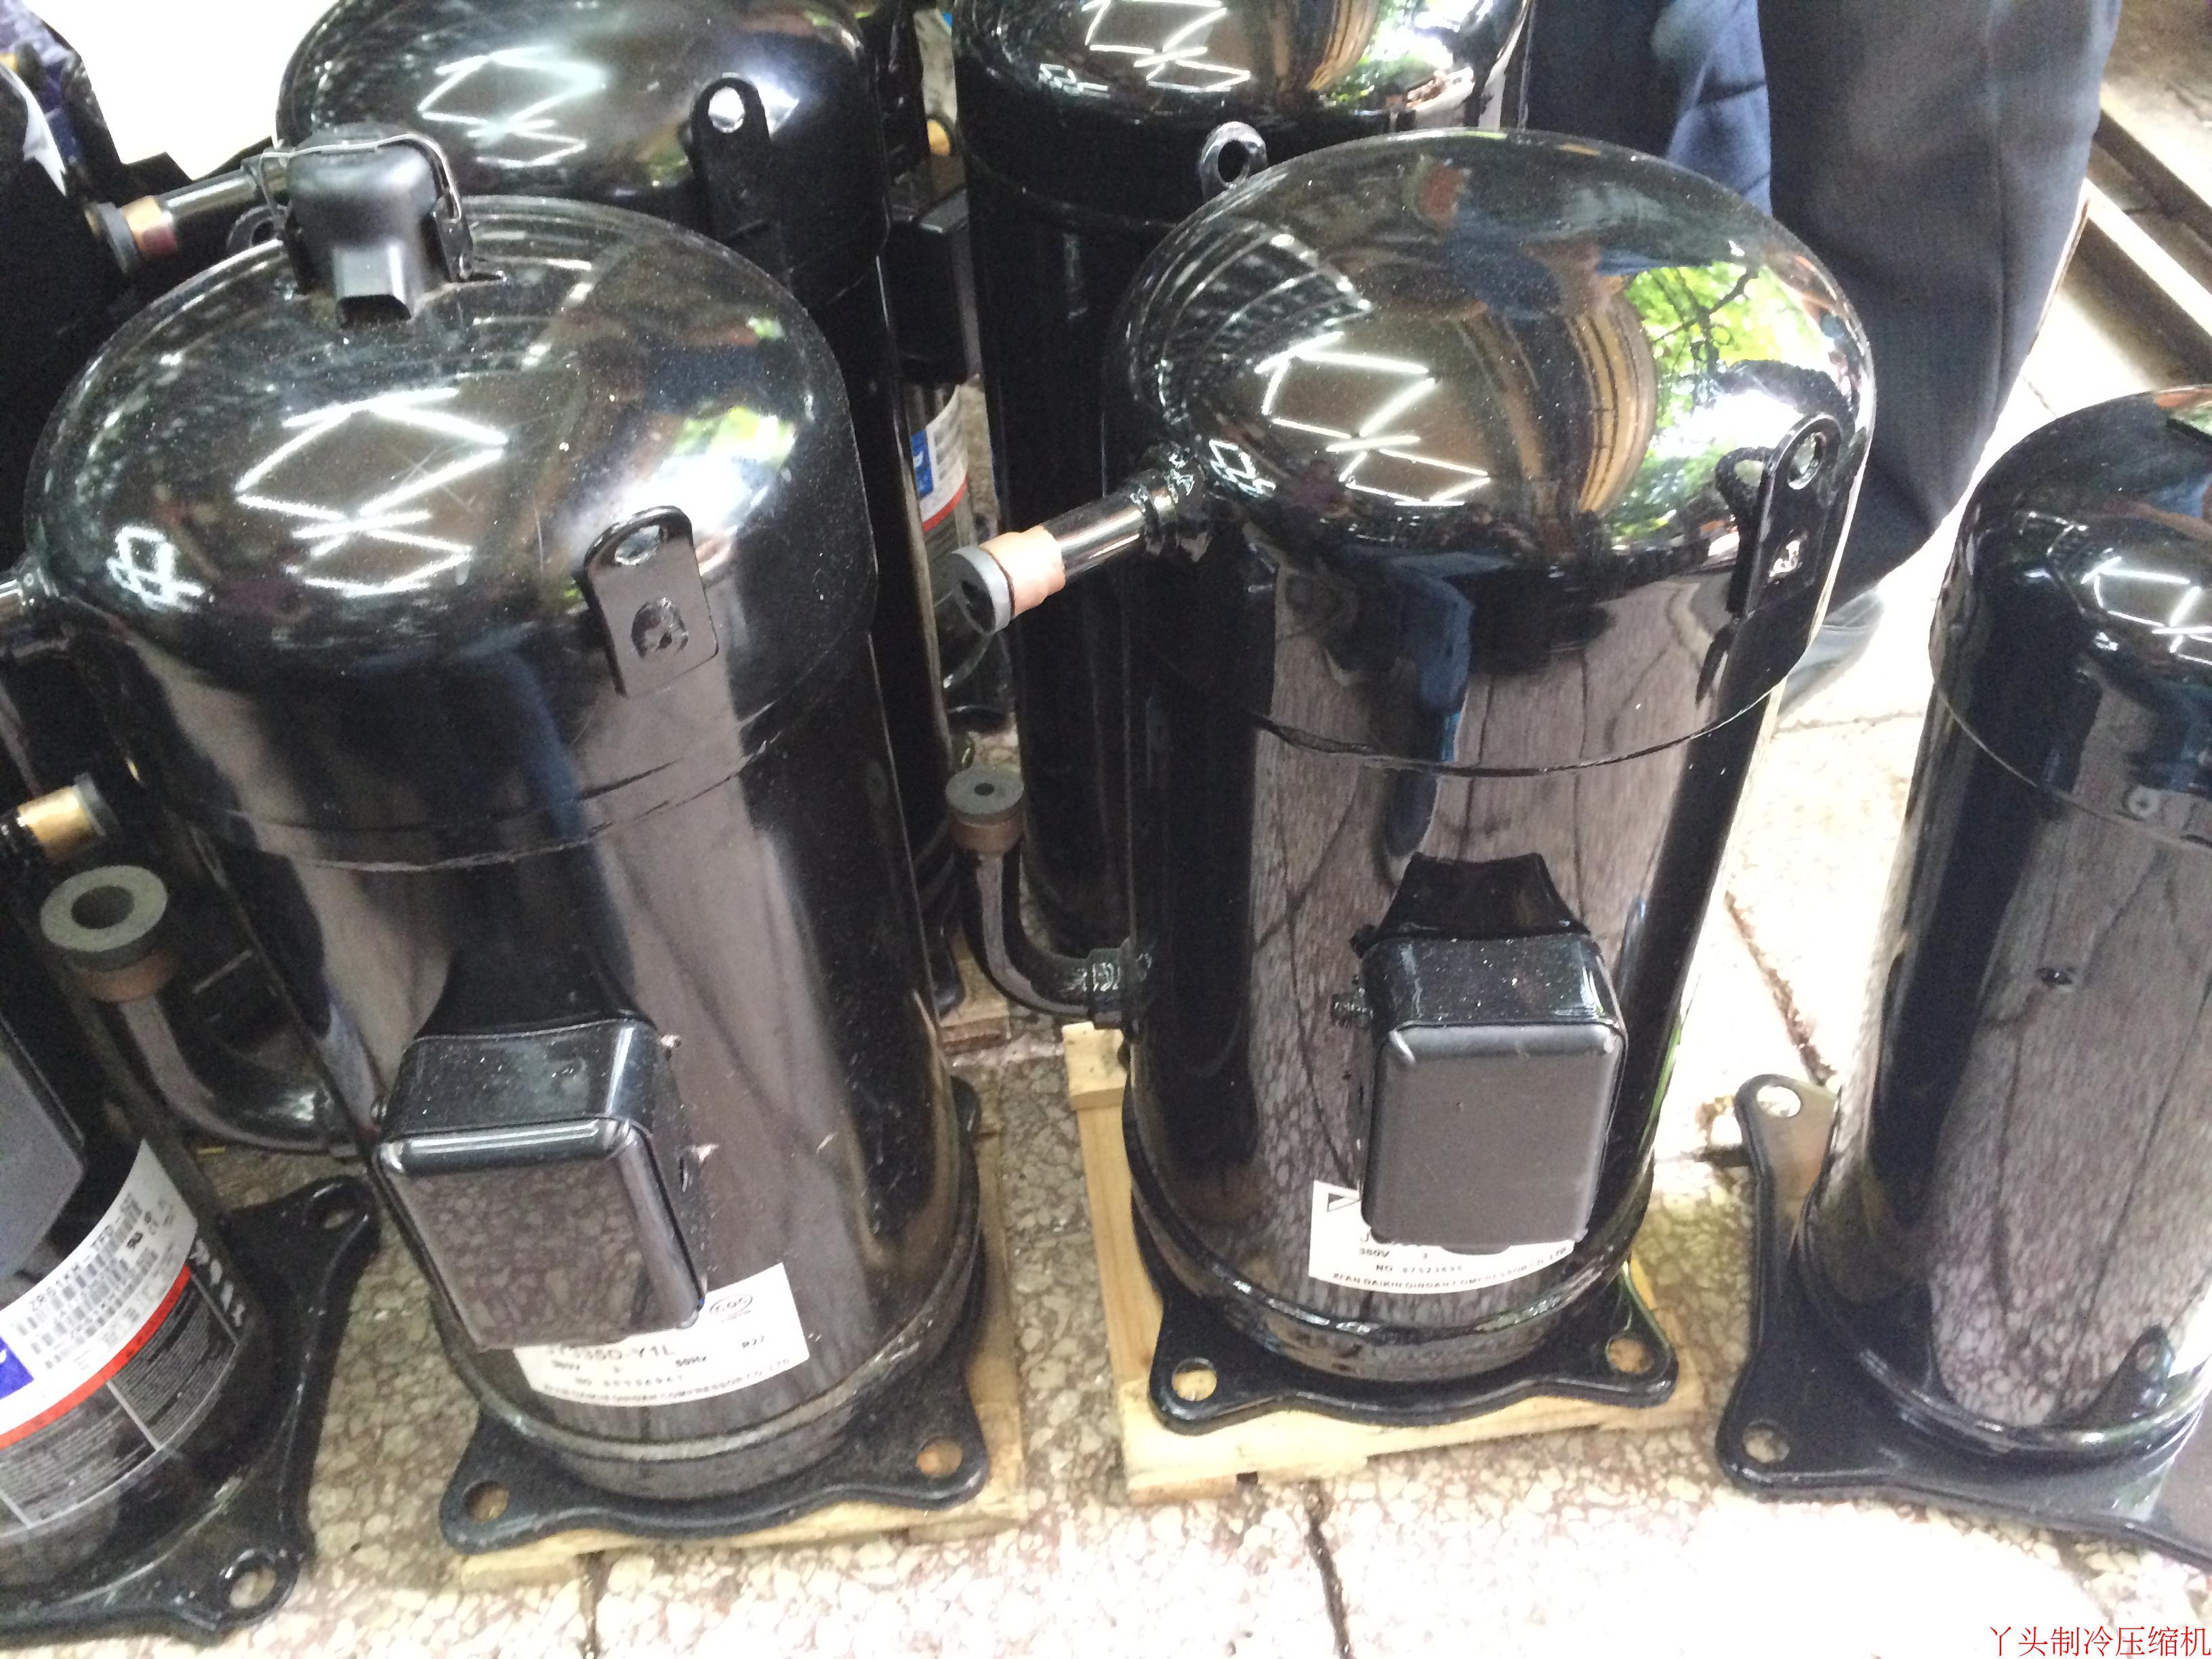 JT160GAJY1L Daikin klimaanlagen - kompressor die Luft wieder 5hp pferd auf dem stativ Daikin klimaanlagen spezielle